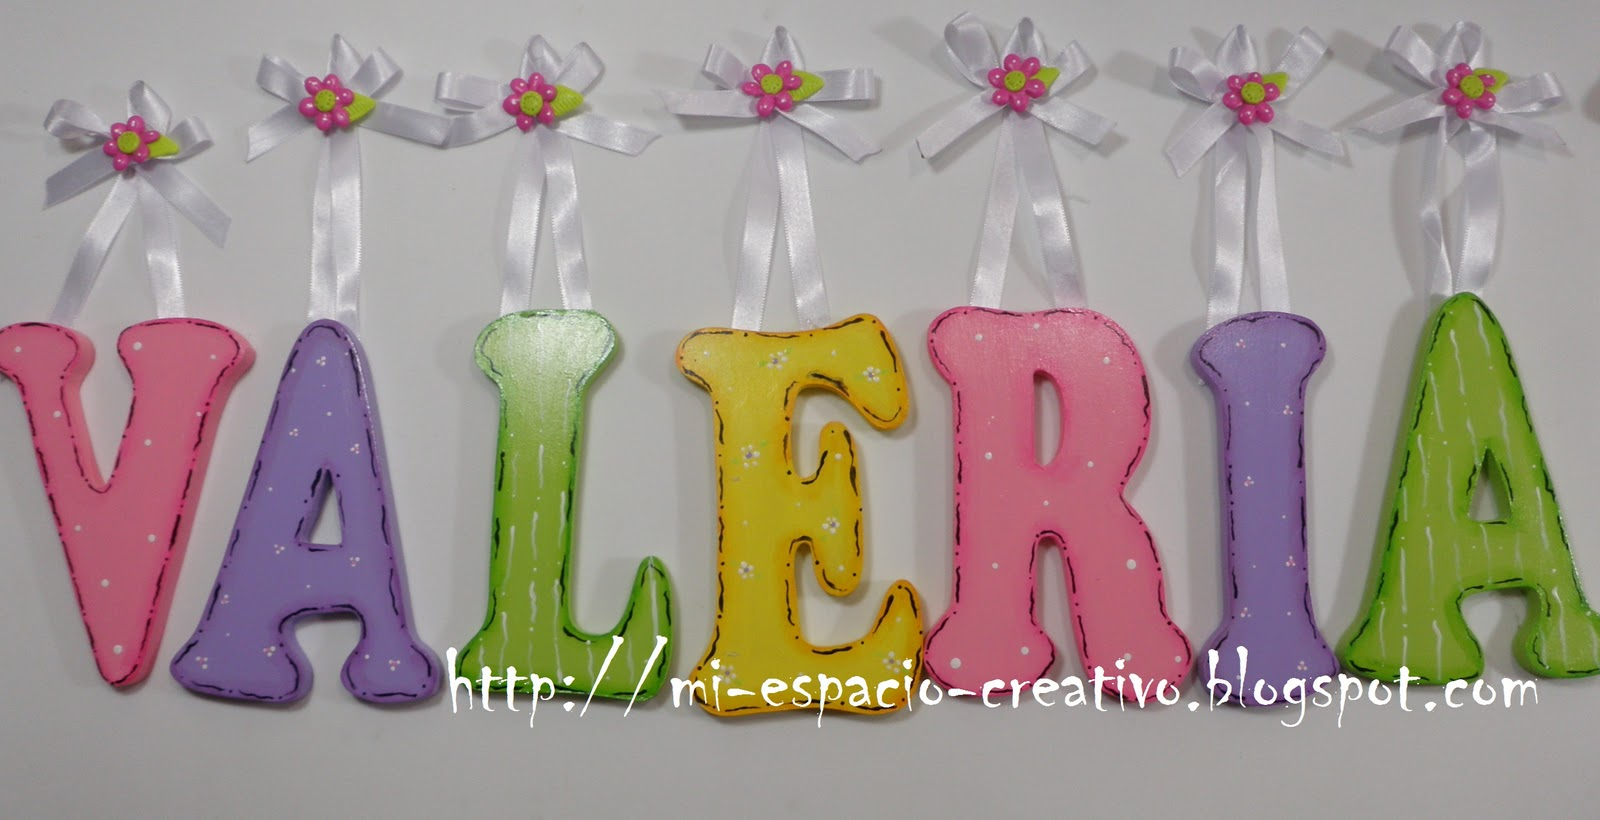 Mec mi espacio creativo 163 nombre valeria for Cuartos decorados feliz cumpleanos